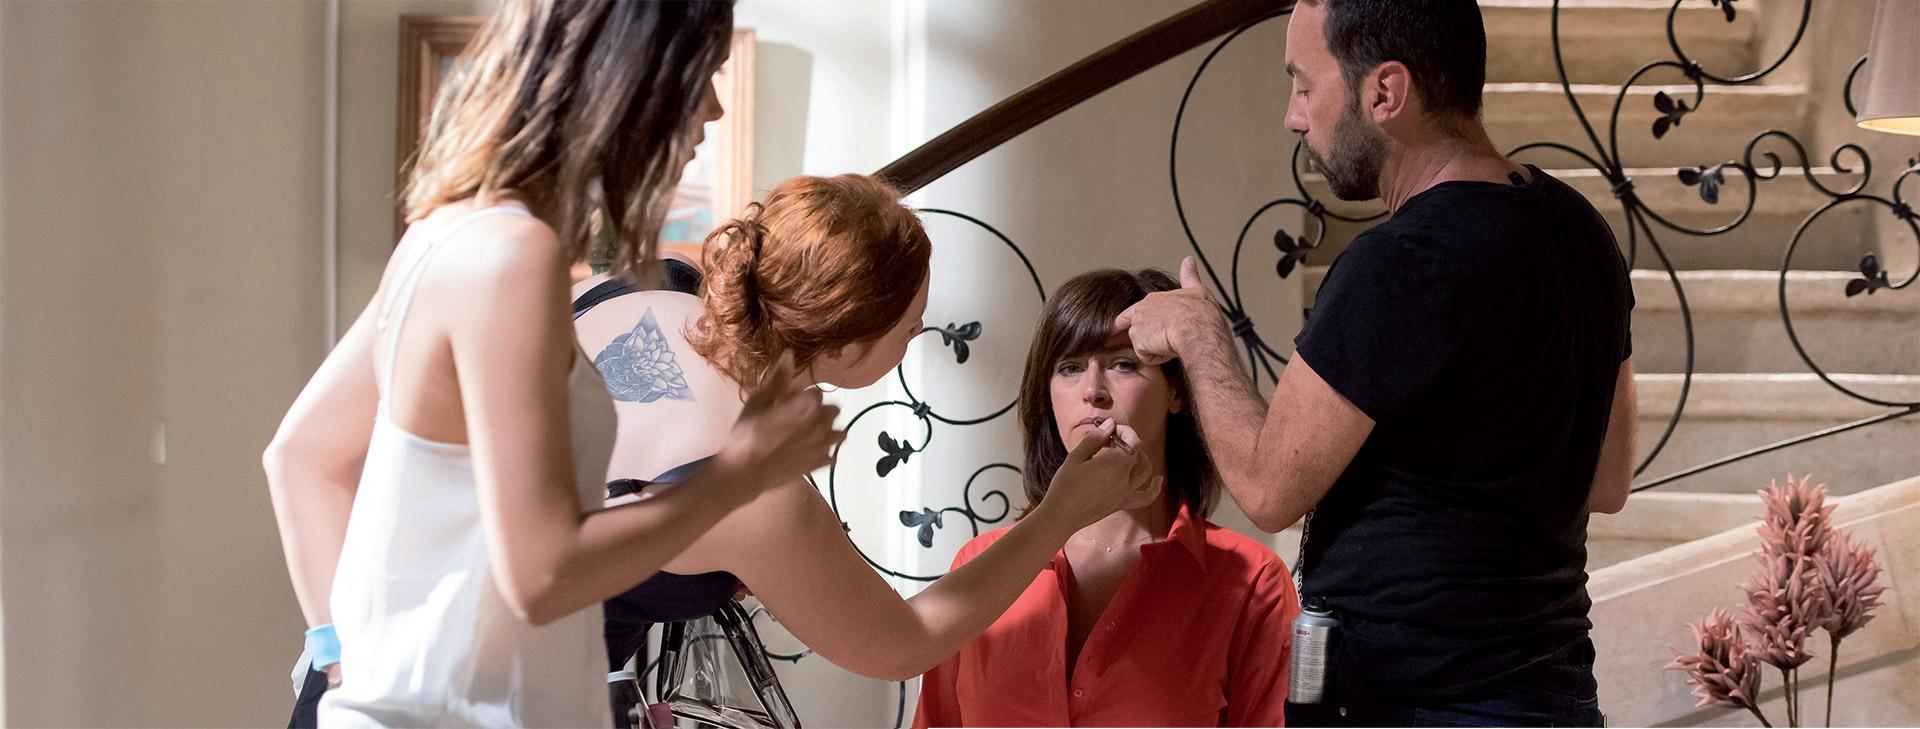 Maquillage Cinéma